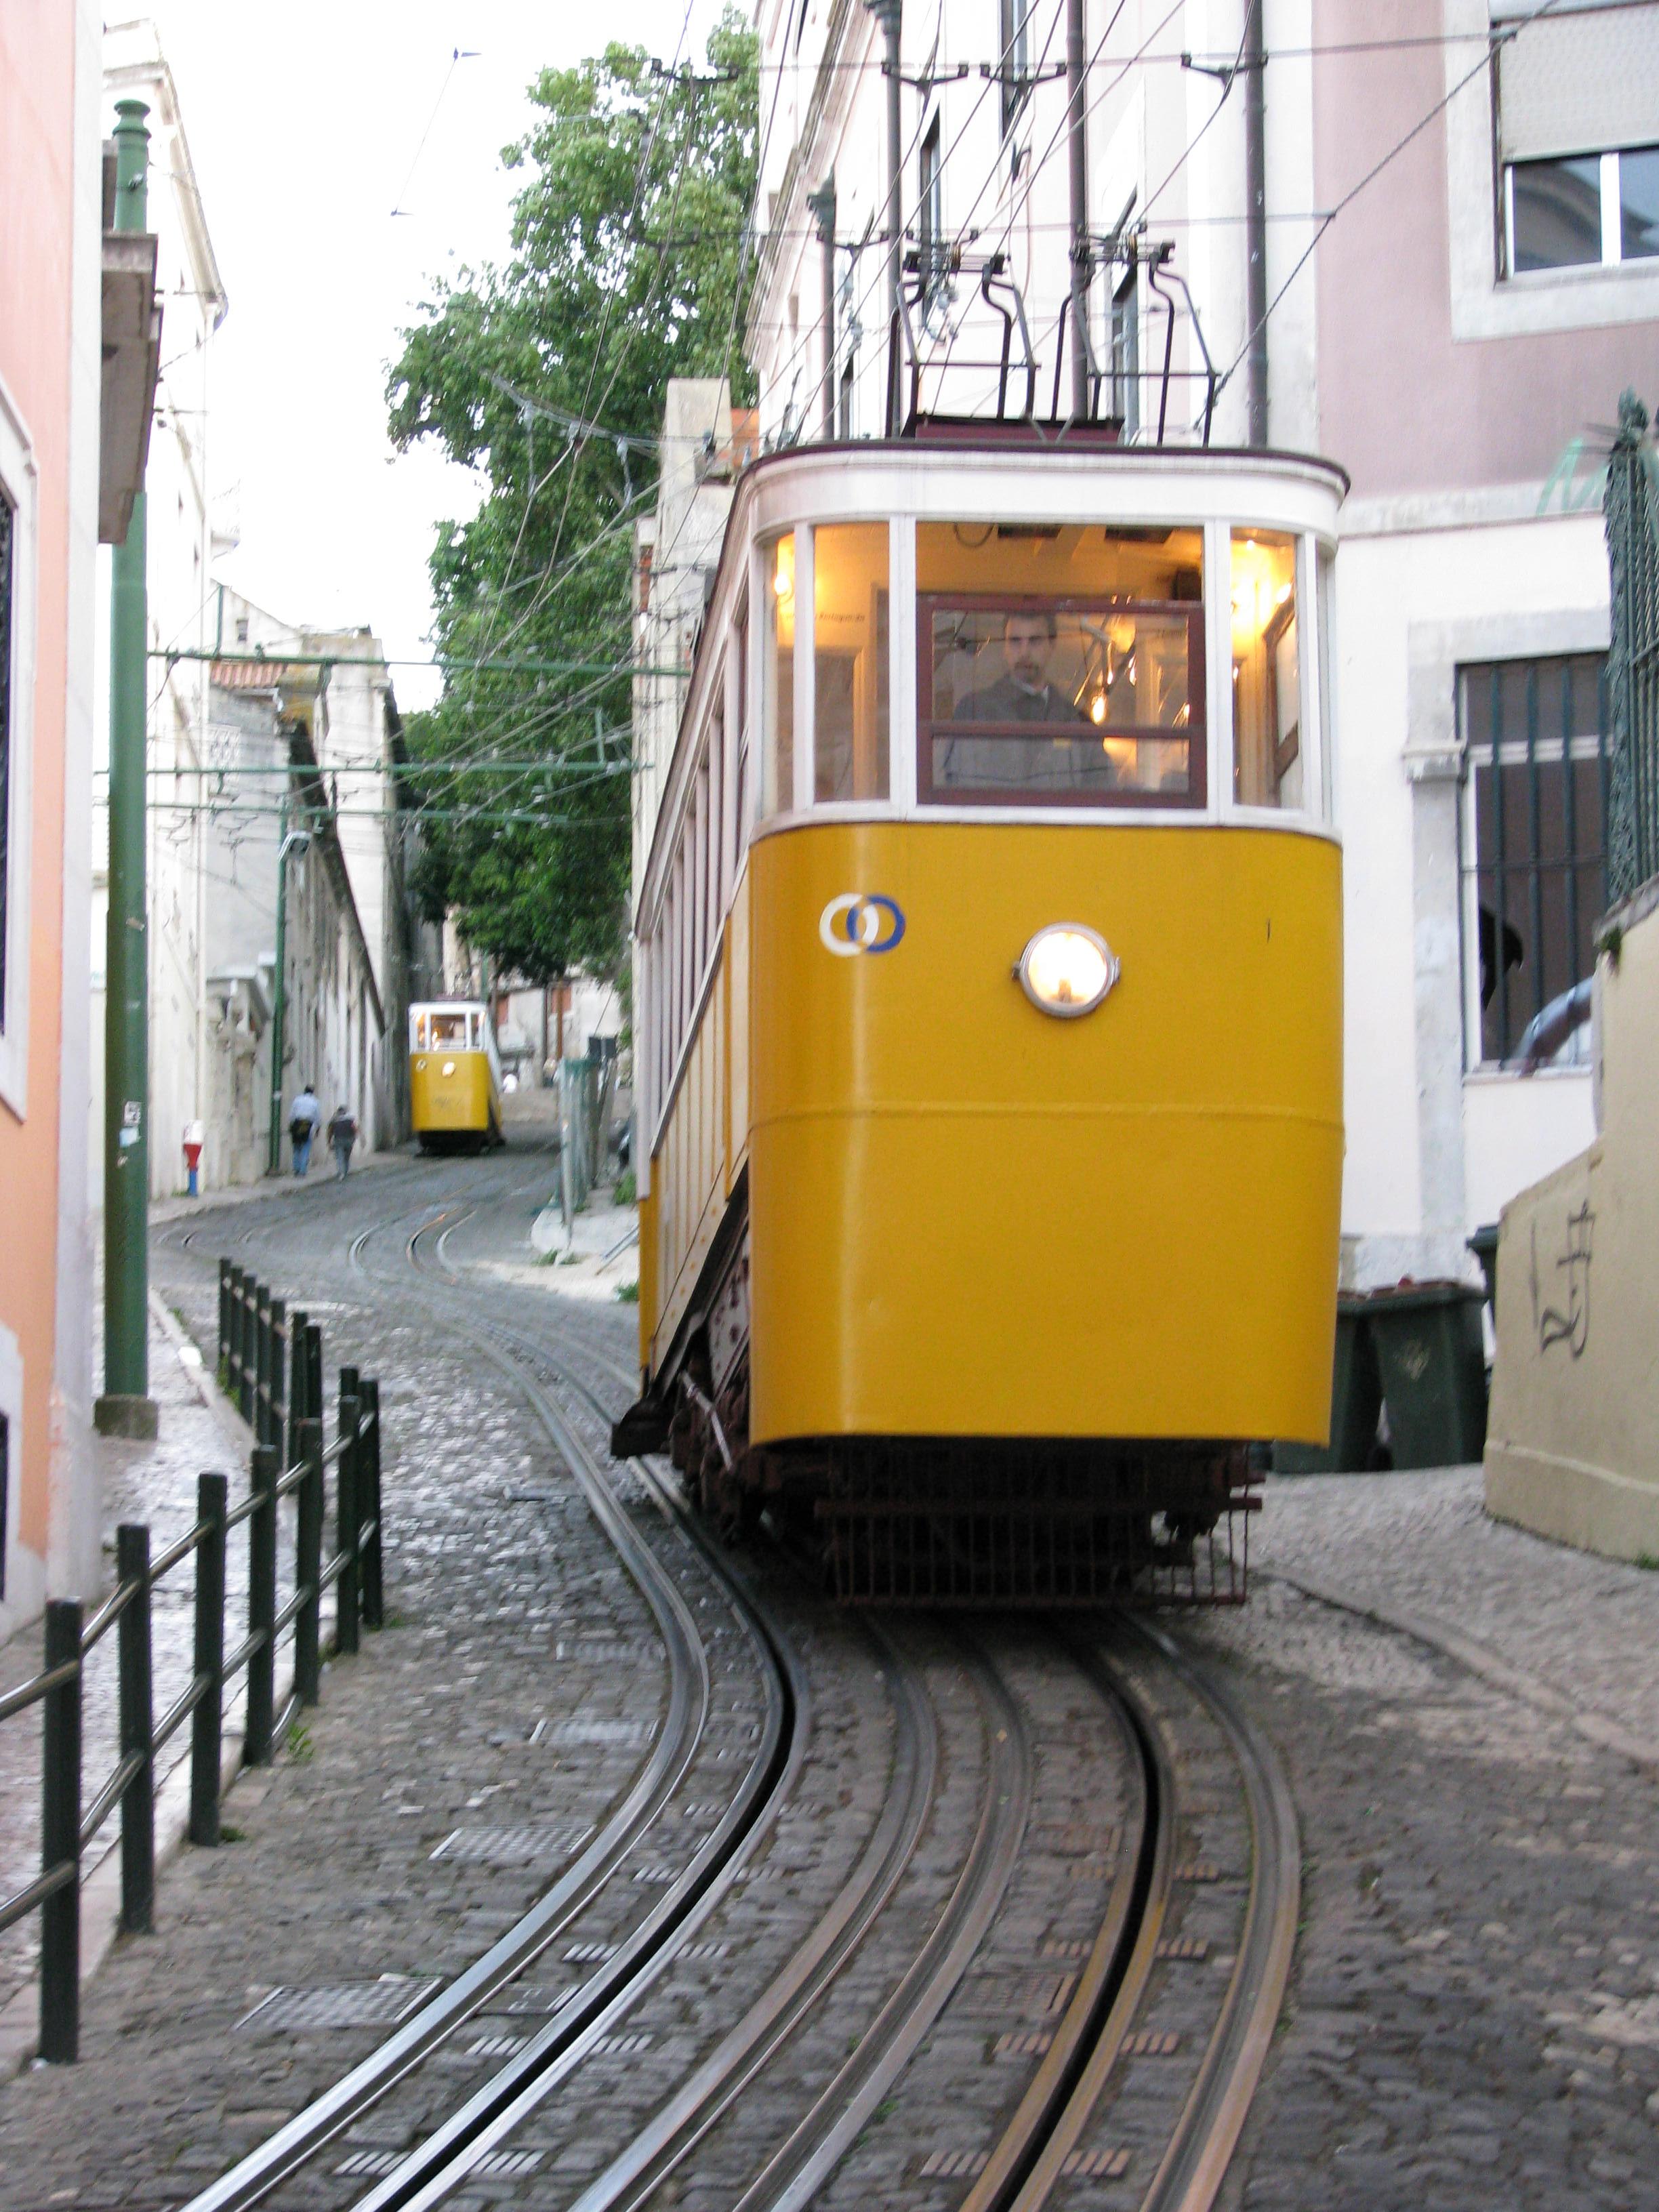 Elevador da Calçada da Glória, Lisboa